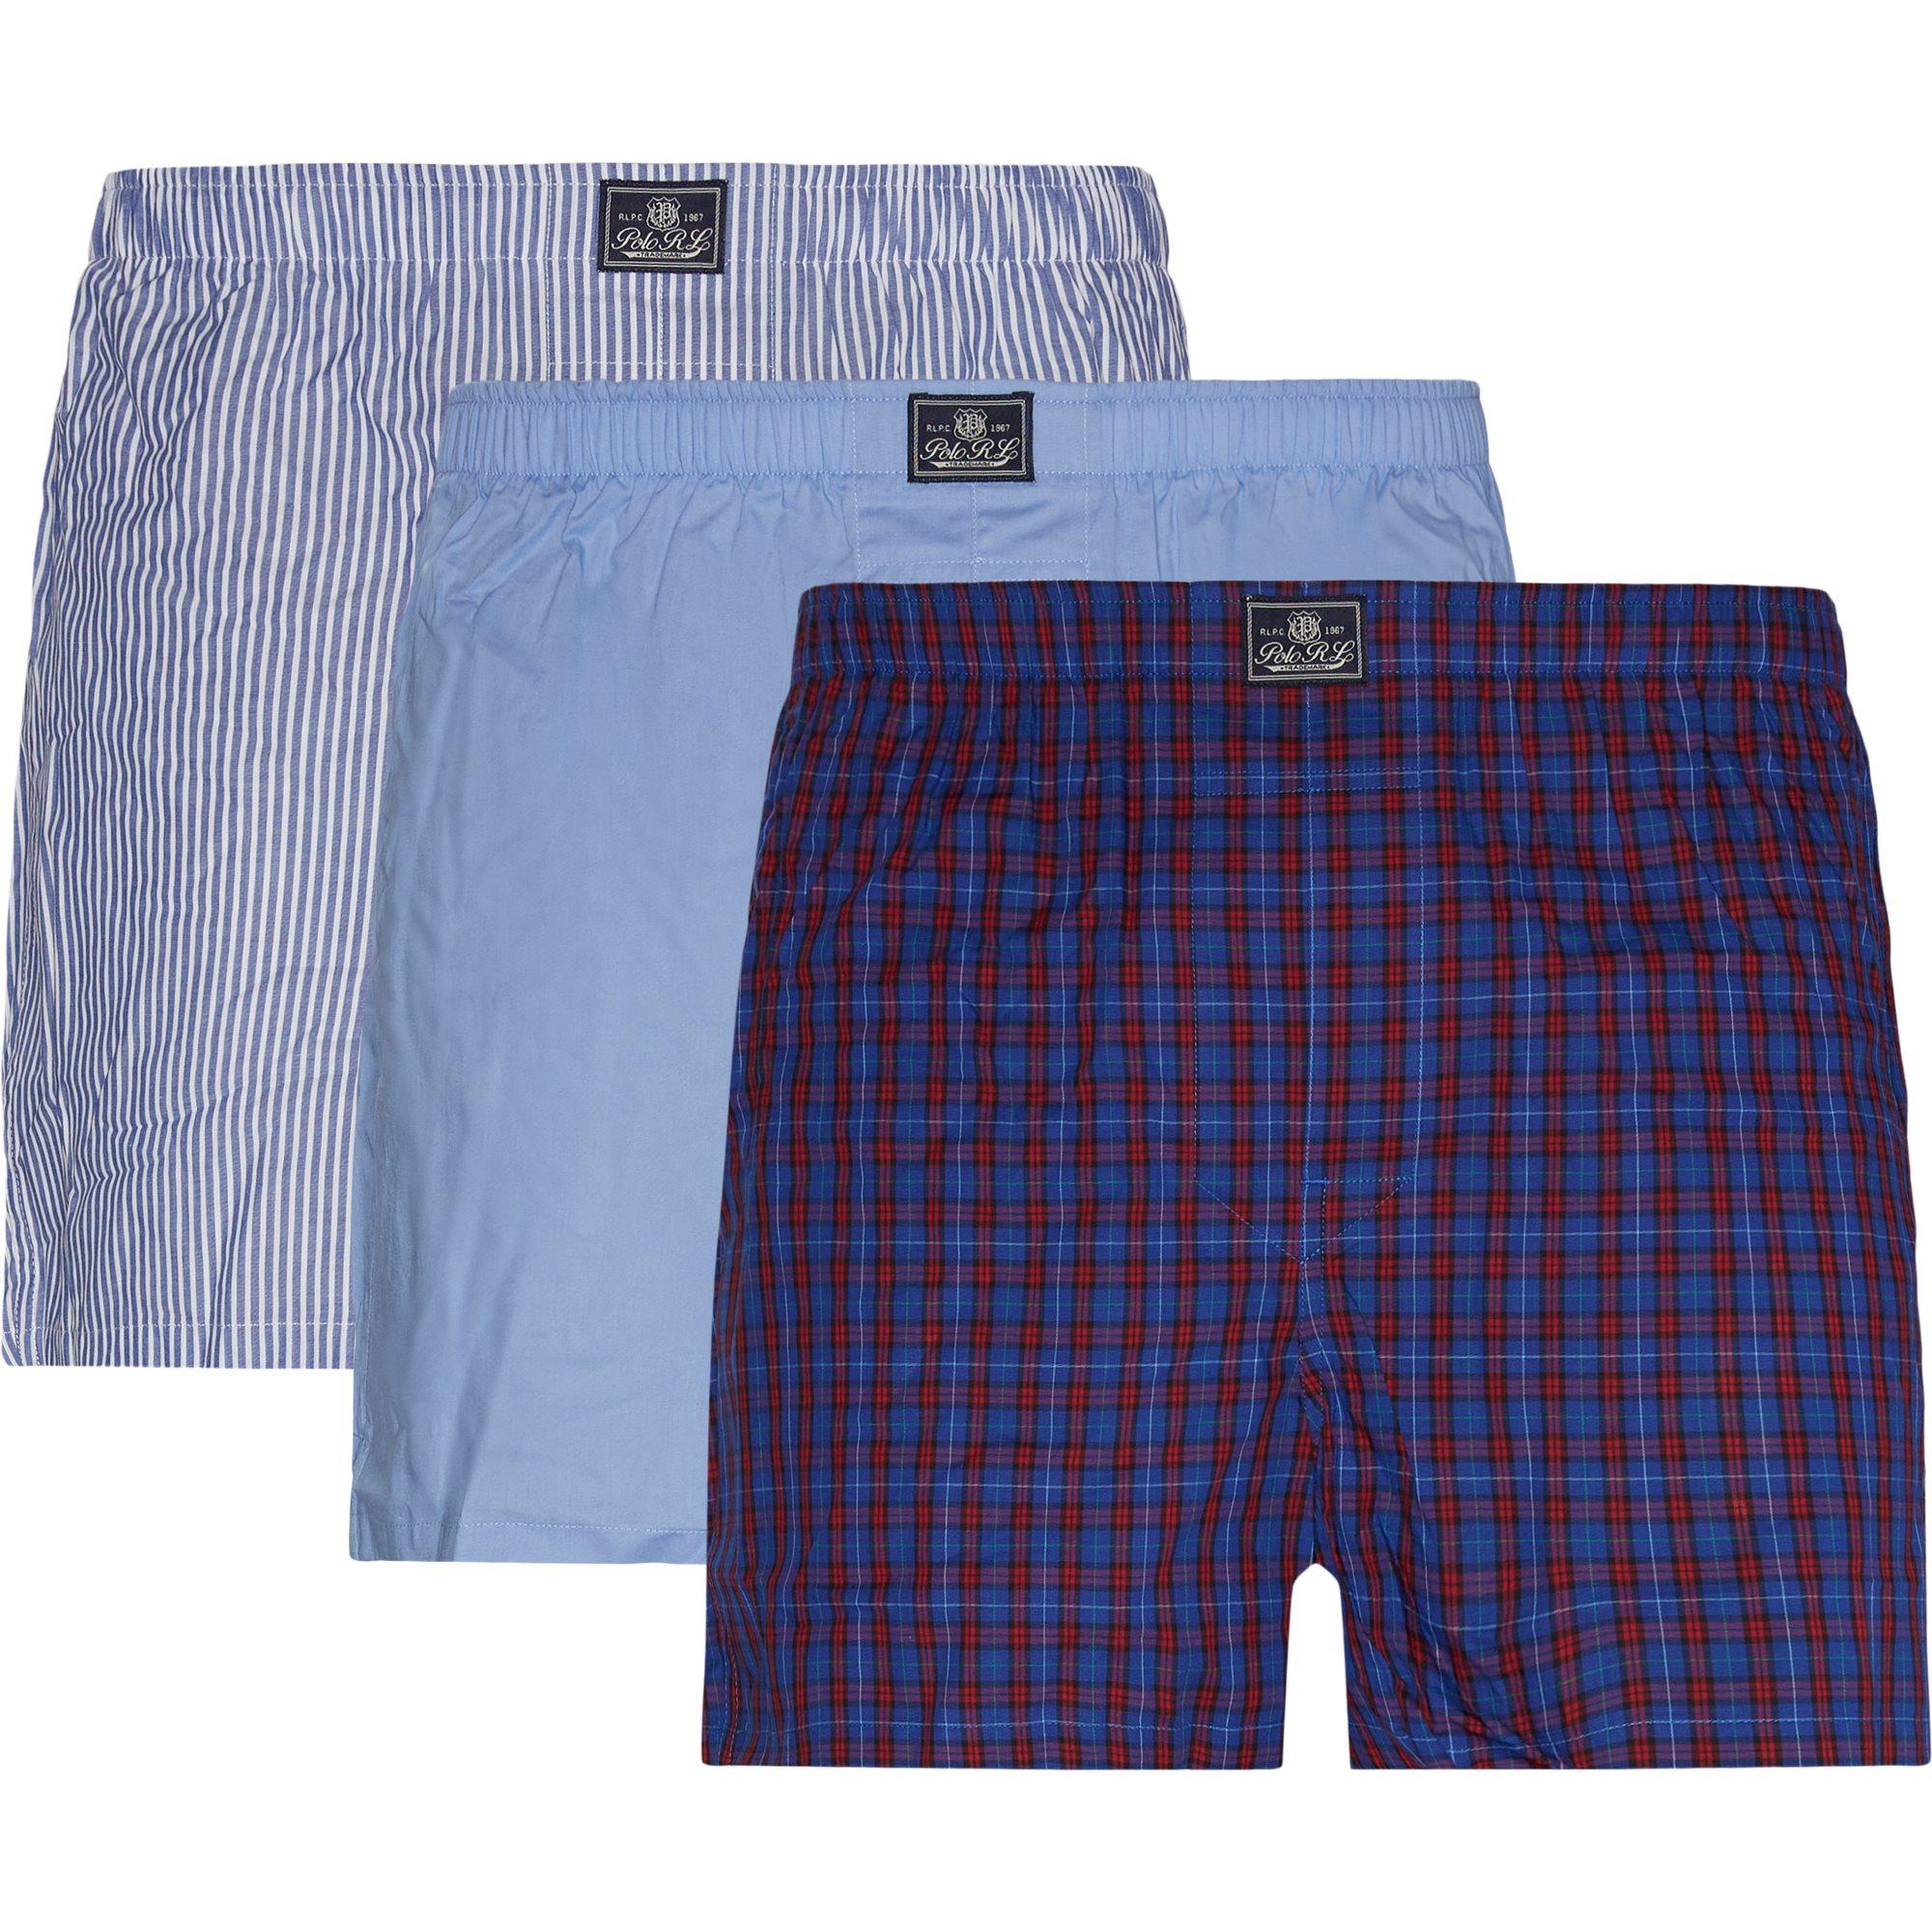 3-Pack Cotton Boxer - Underkläder - Multi